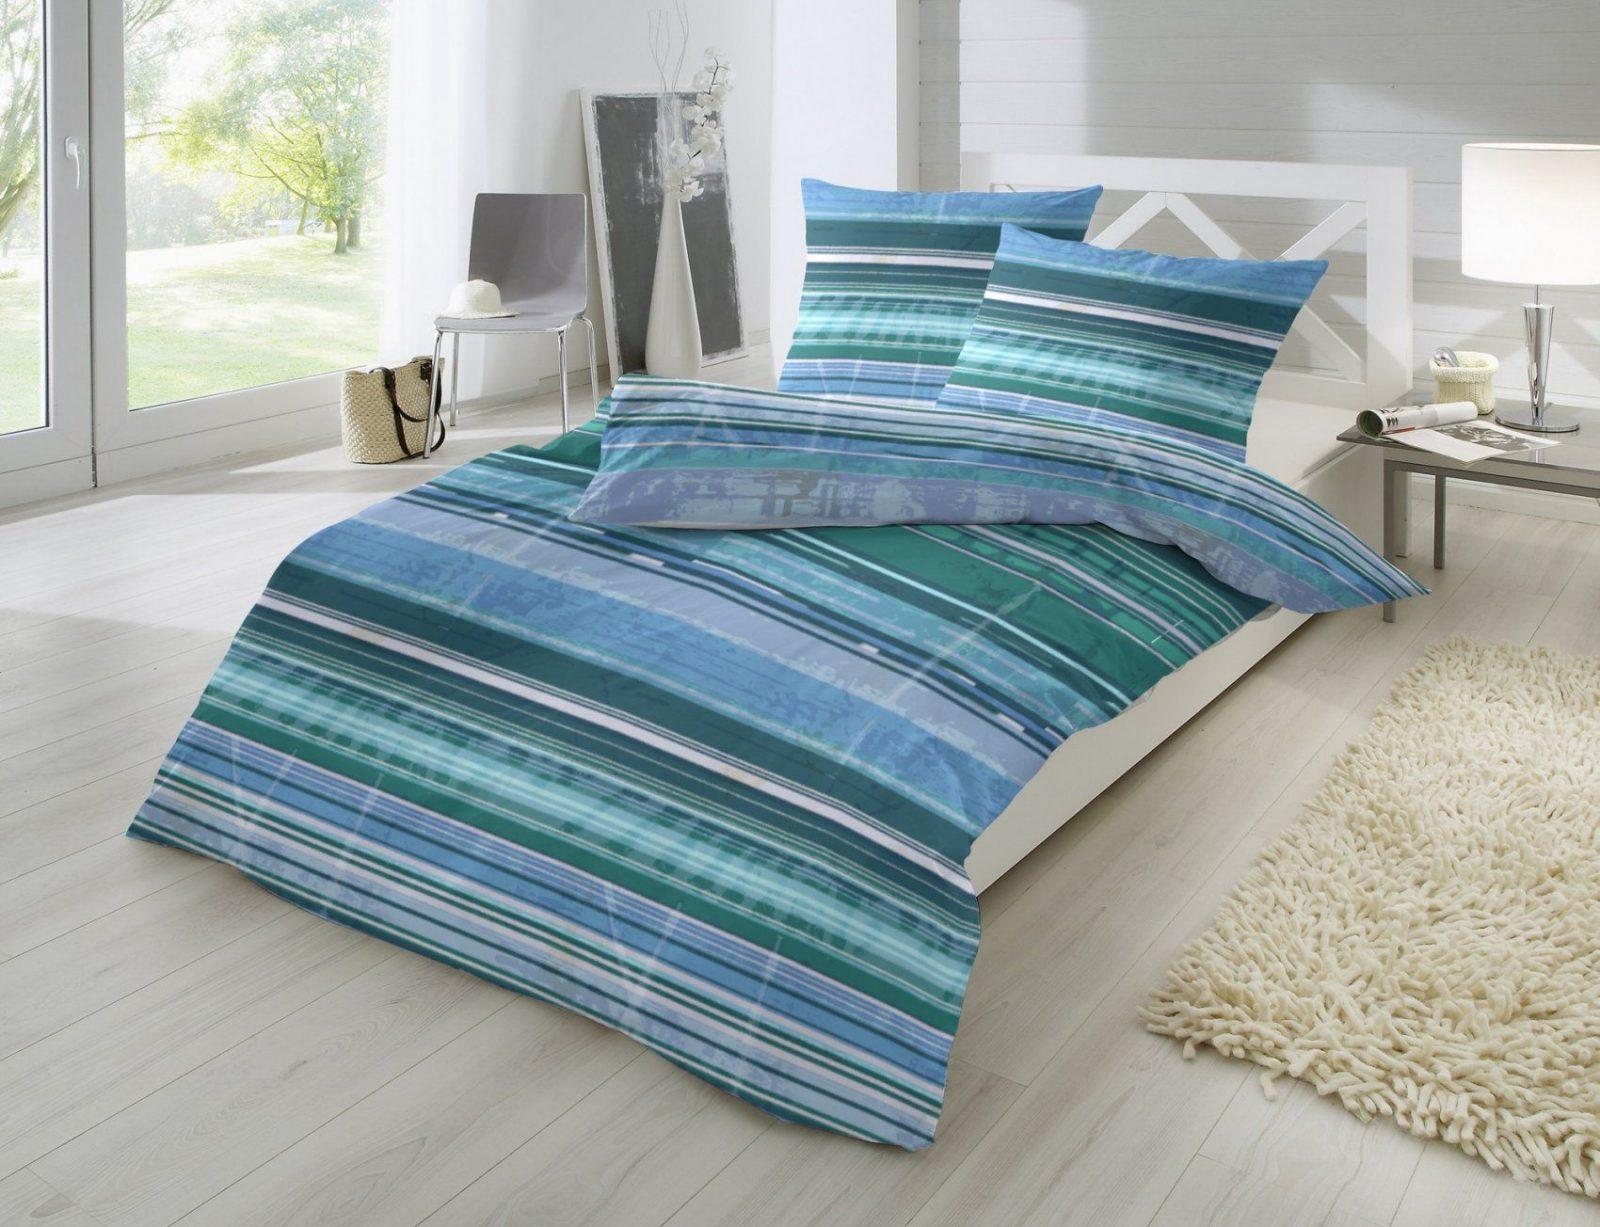 Schönheit Bettwäsche Gestreift Hahn Mako Satin Bettwaesche Blau von Satin Bettwäsche Blau Bild